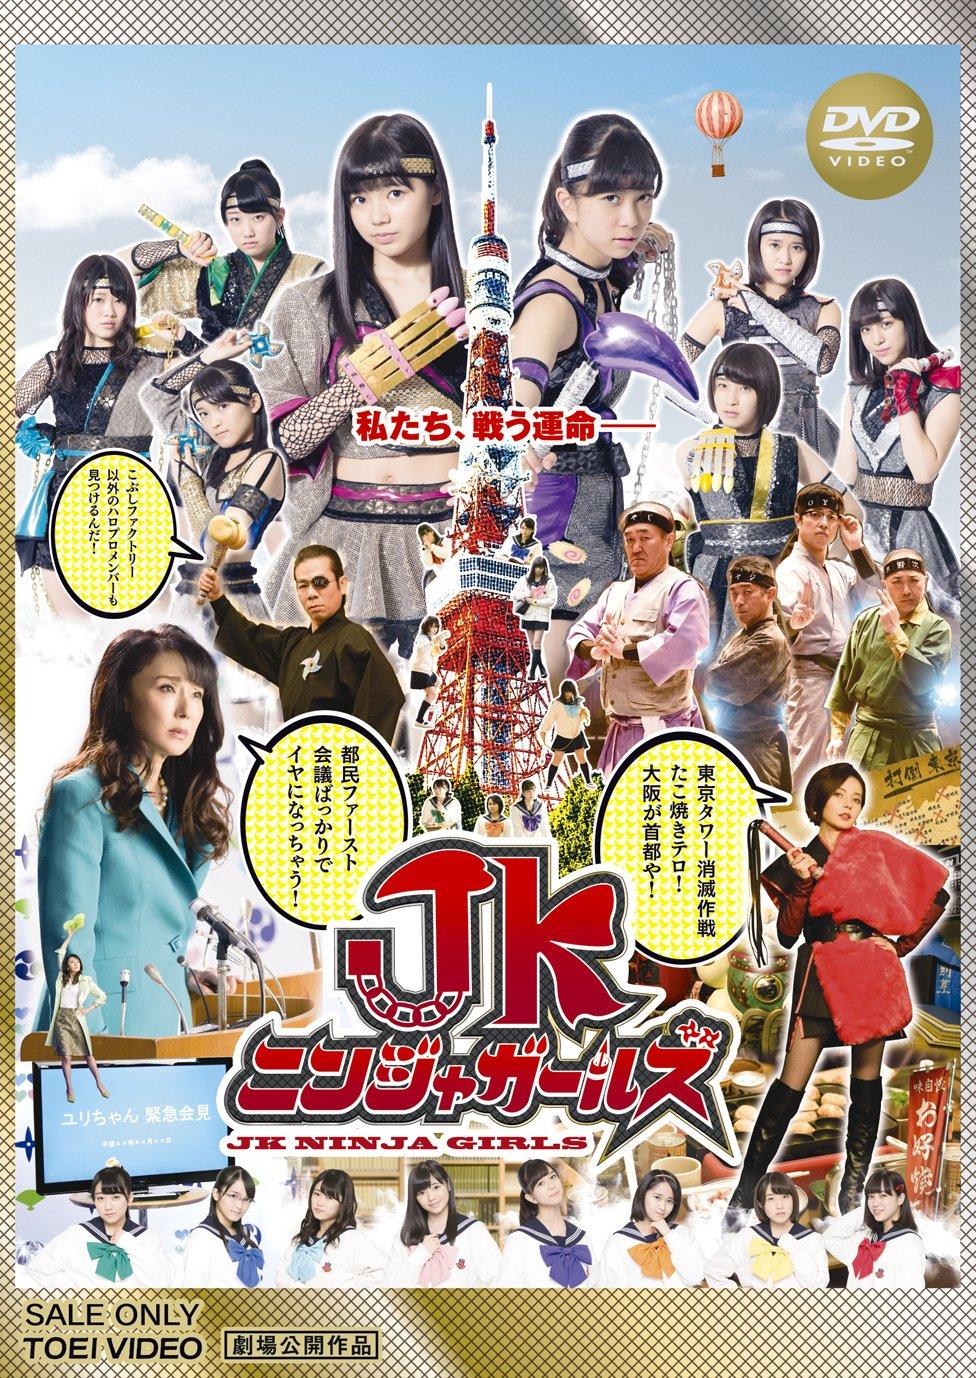 Japanese Movie - Jk Ninja Girl 2 Dvd Edizione: Giappone ...